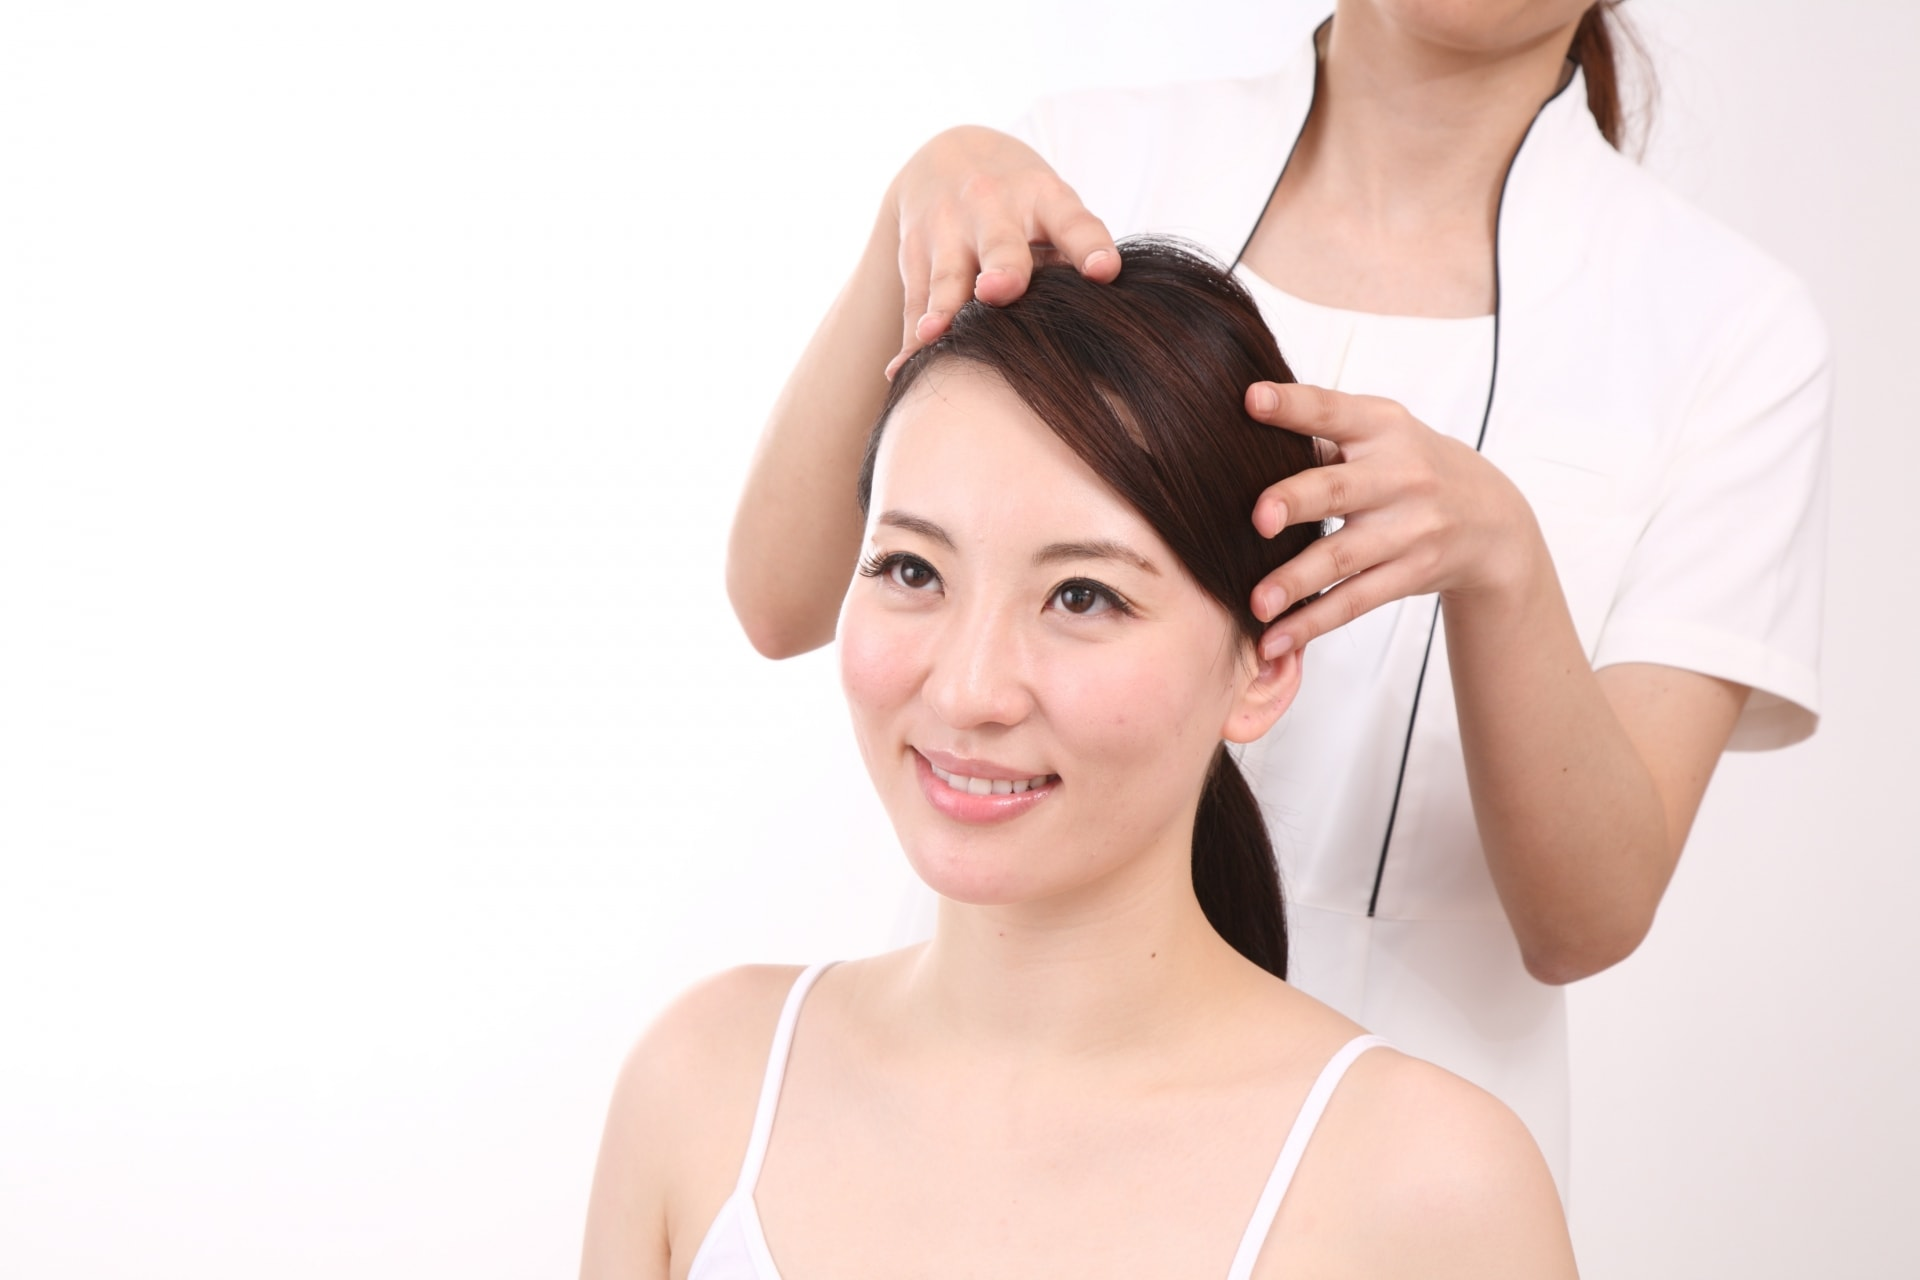 【女性の薄毛】頭皮環境の改善で女性の薄毛を改善